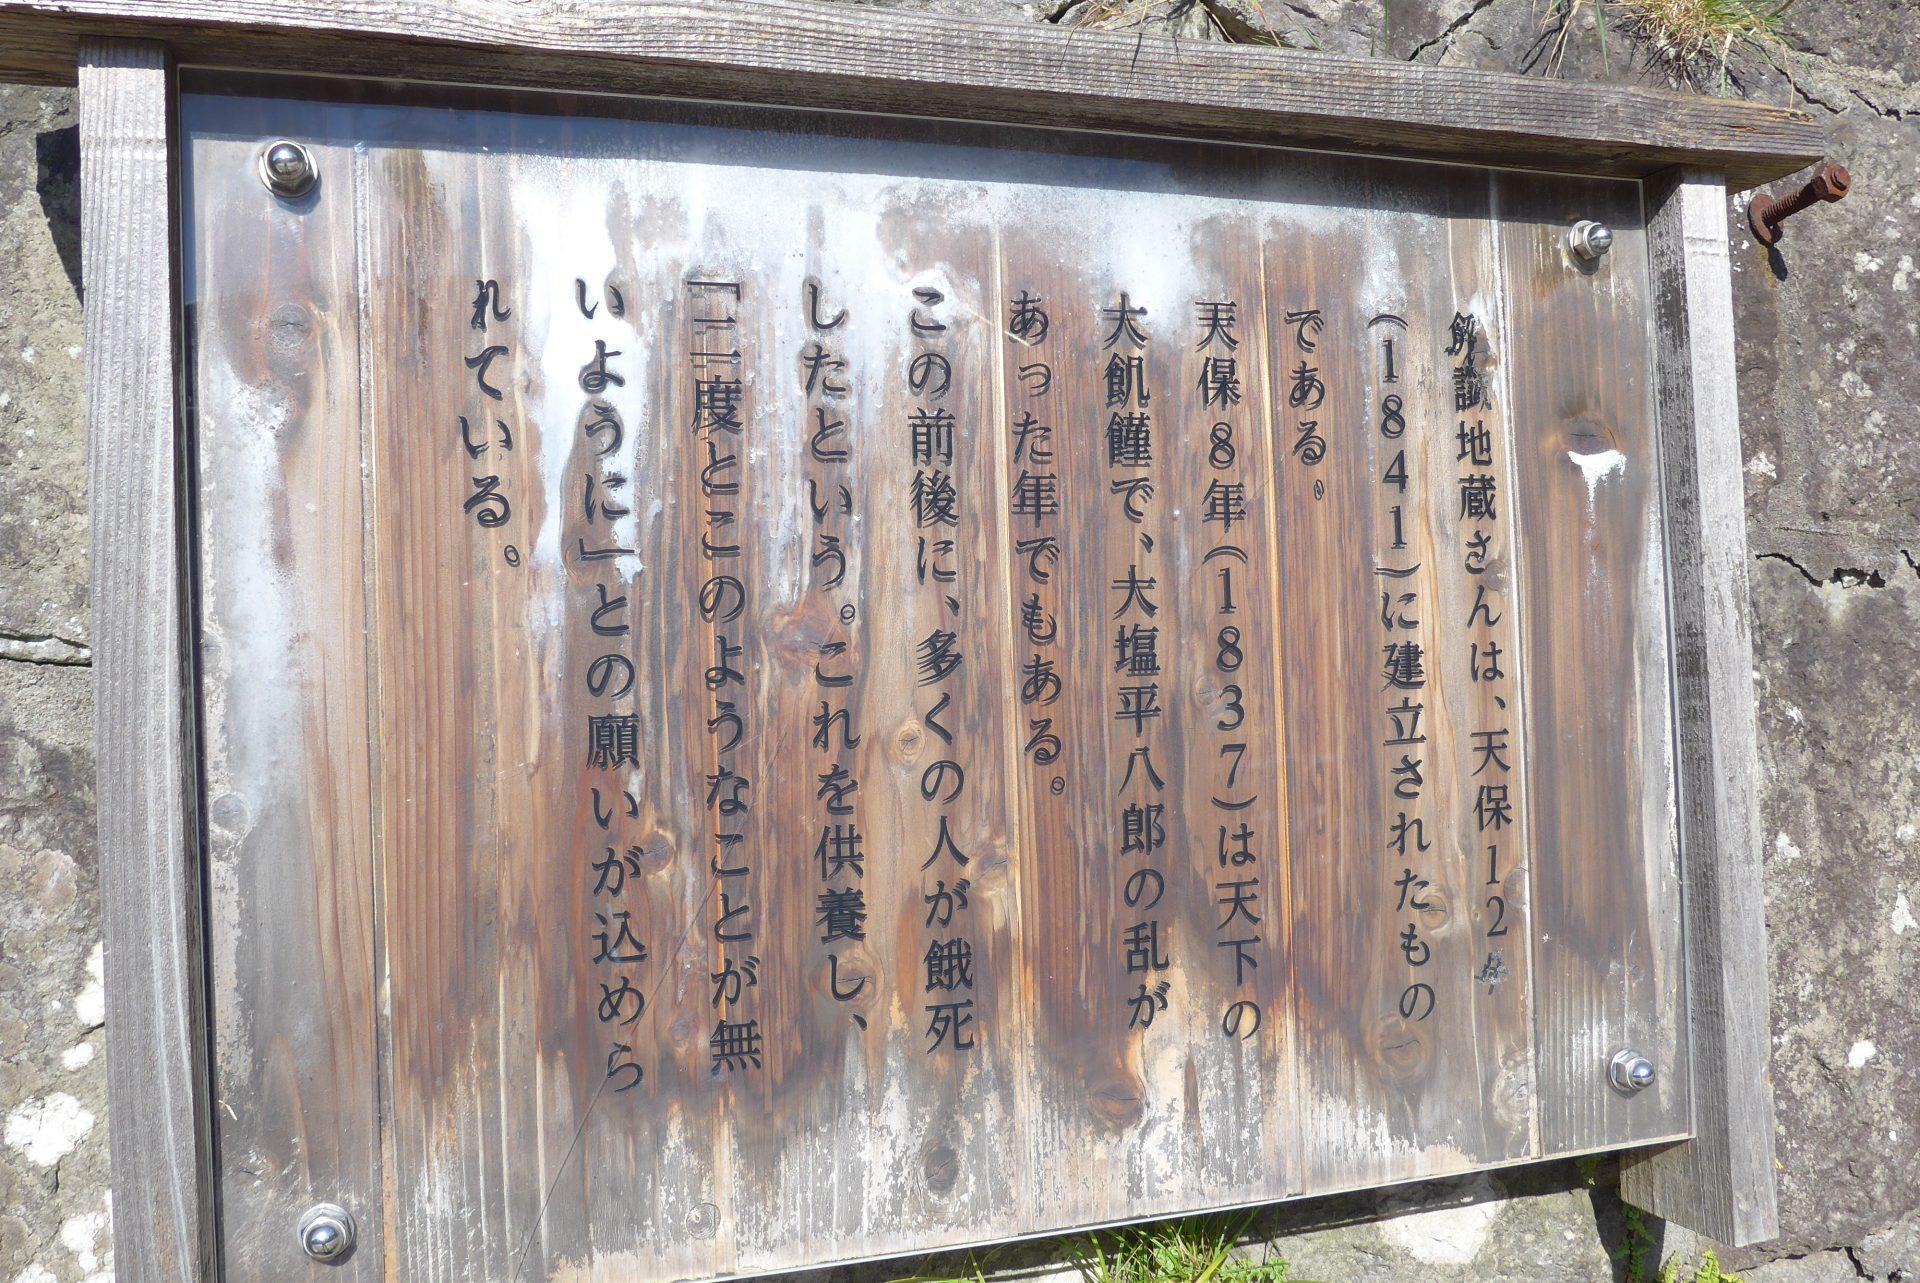 (K)大山でおすすめの豪円湯院!日帰りで料金が安く駐車場も完備!